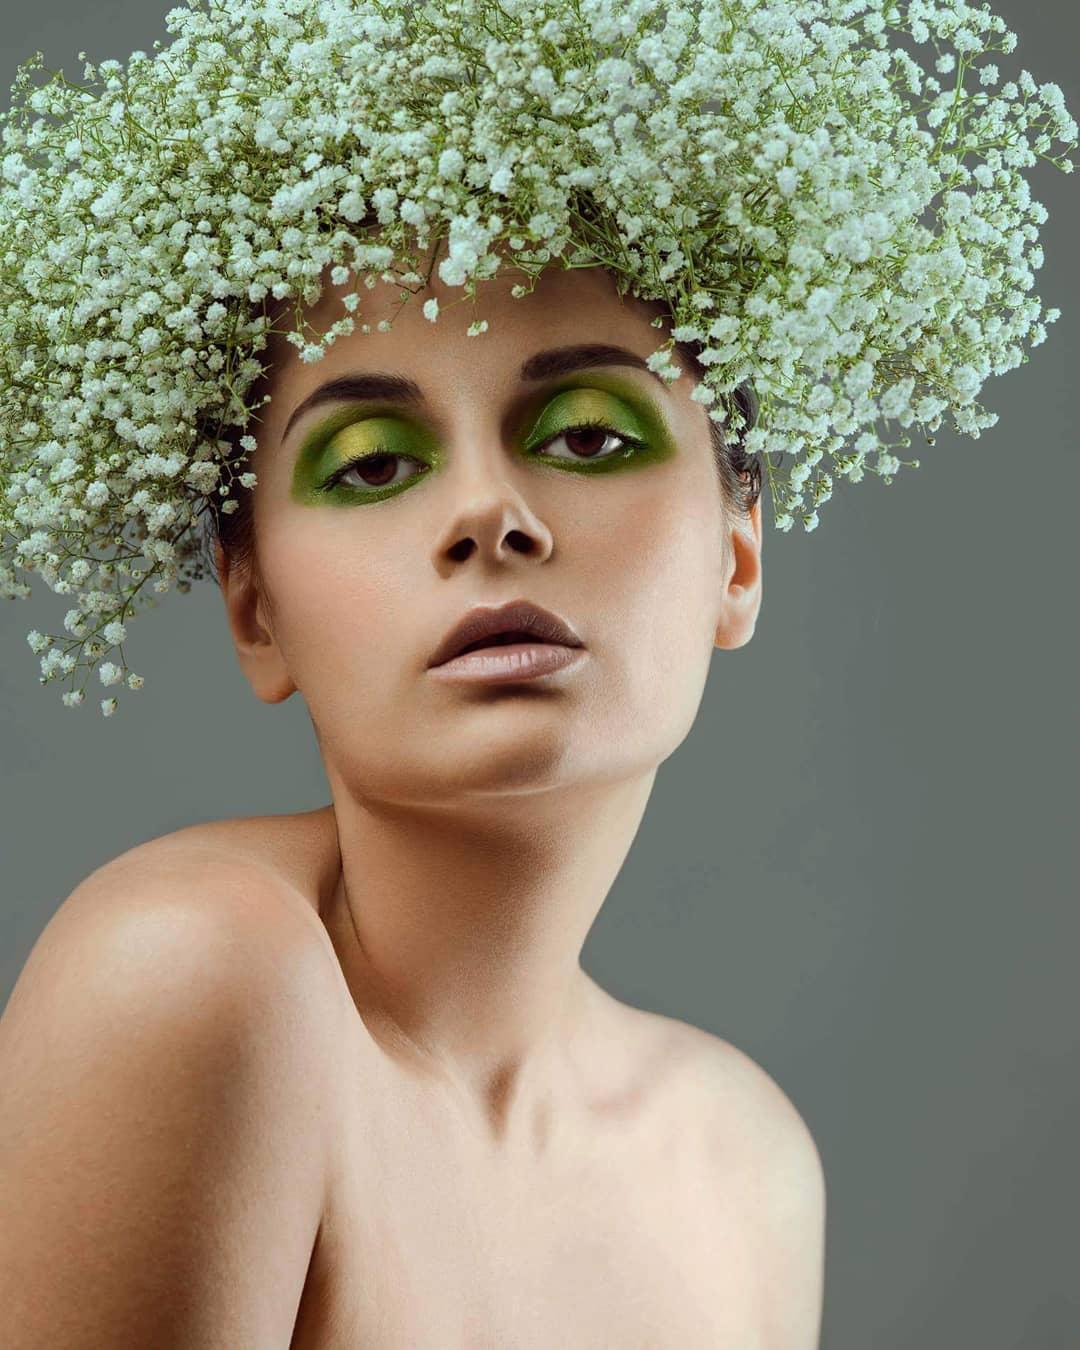 Модный-макияж-2019-самые-трендовые-цвета-и-формы-на-2019-год